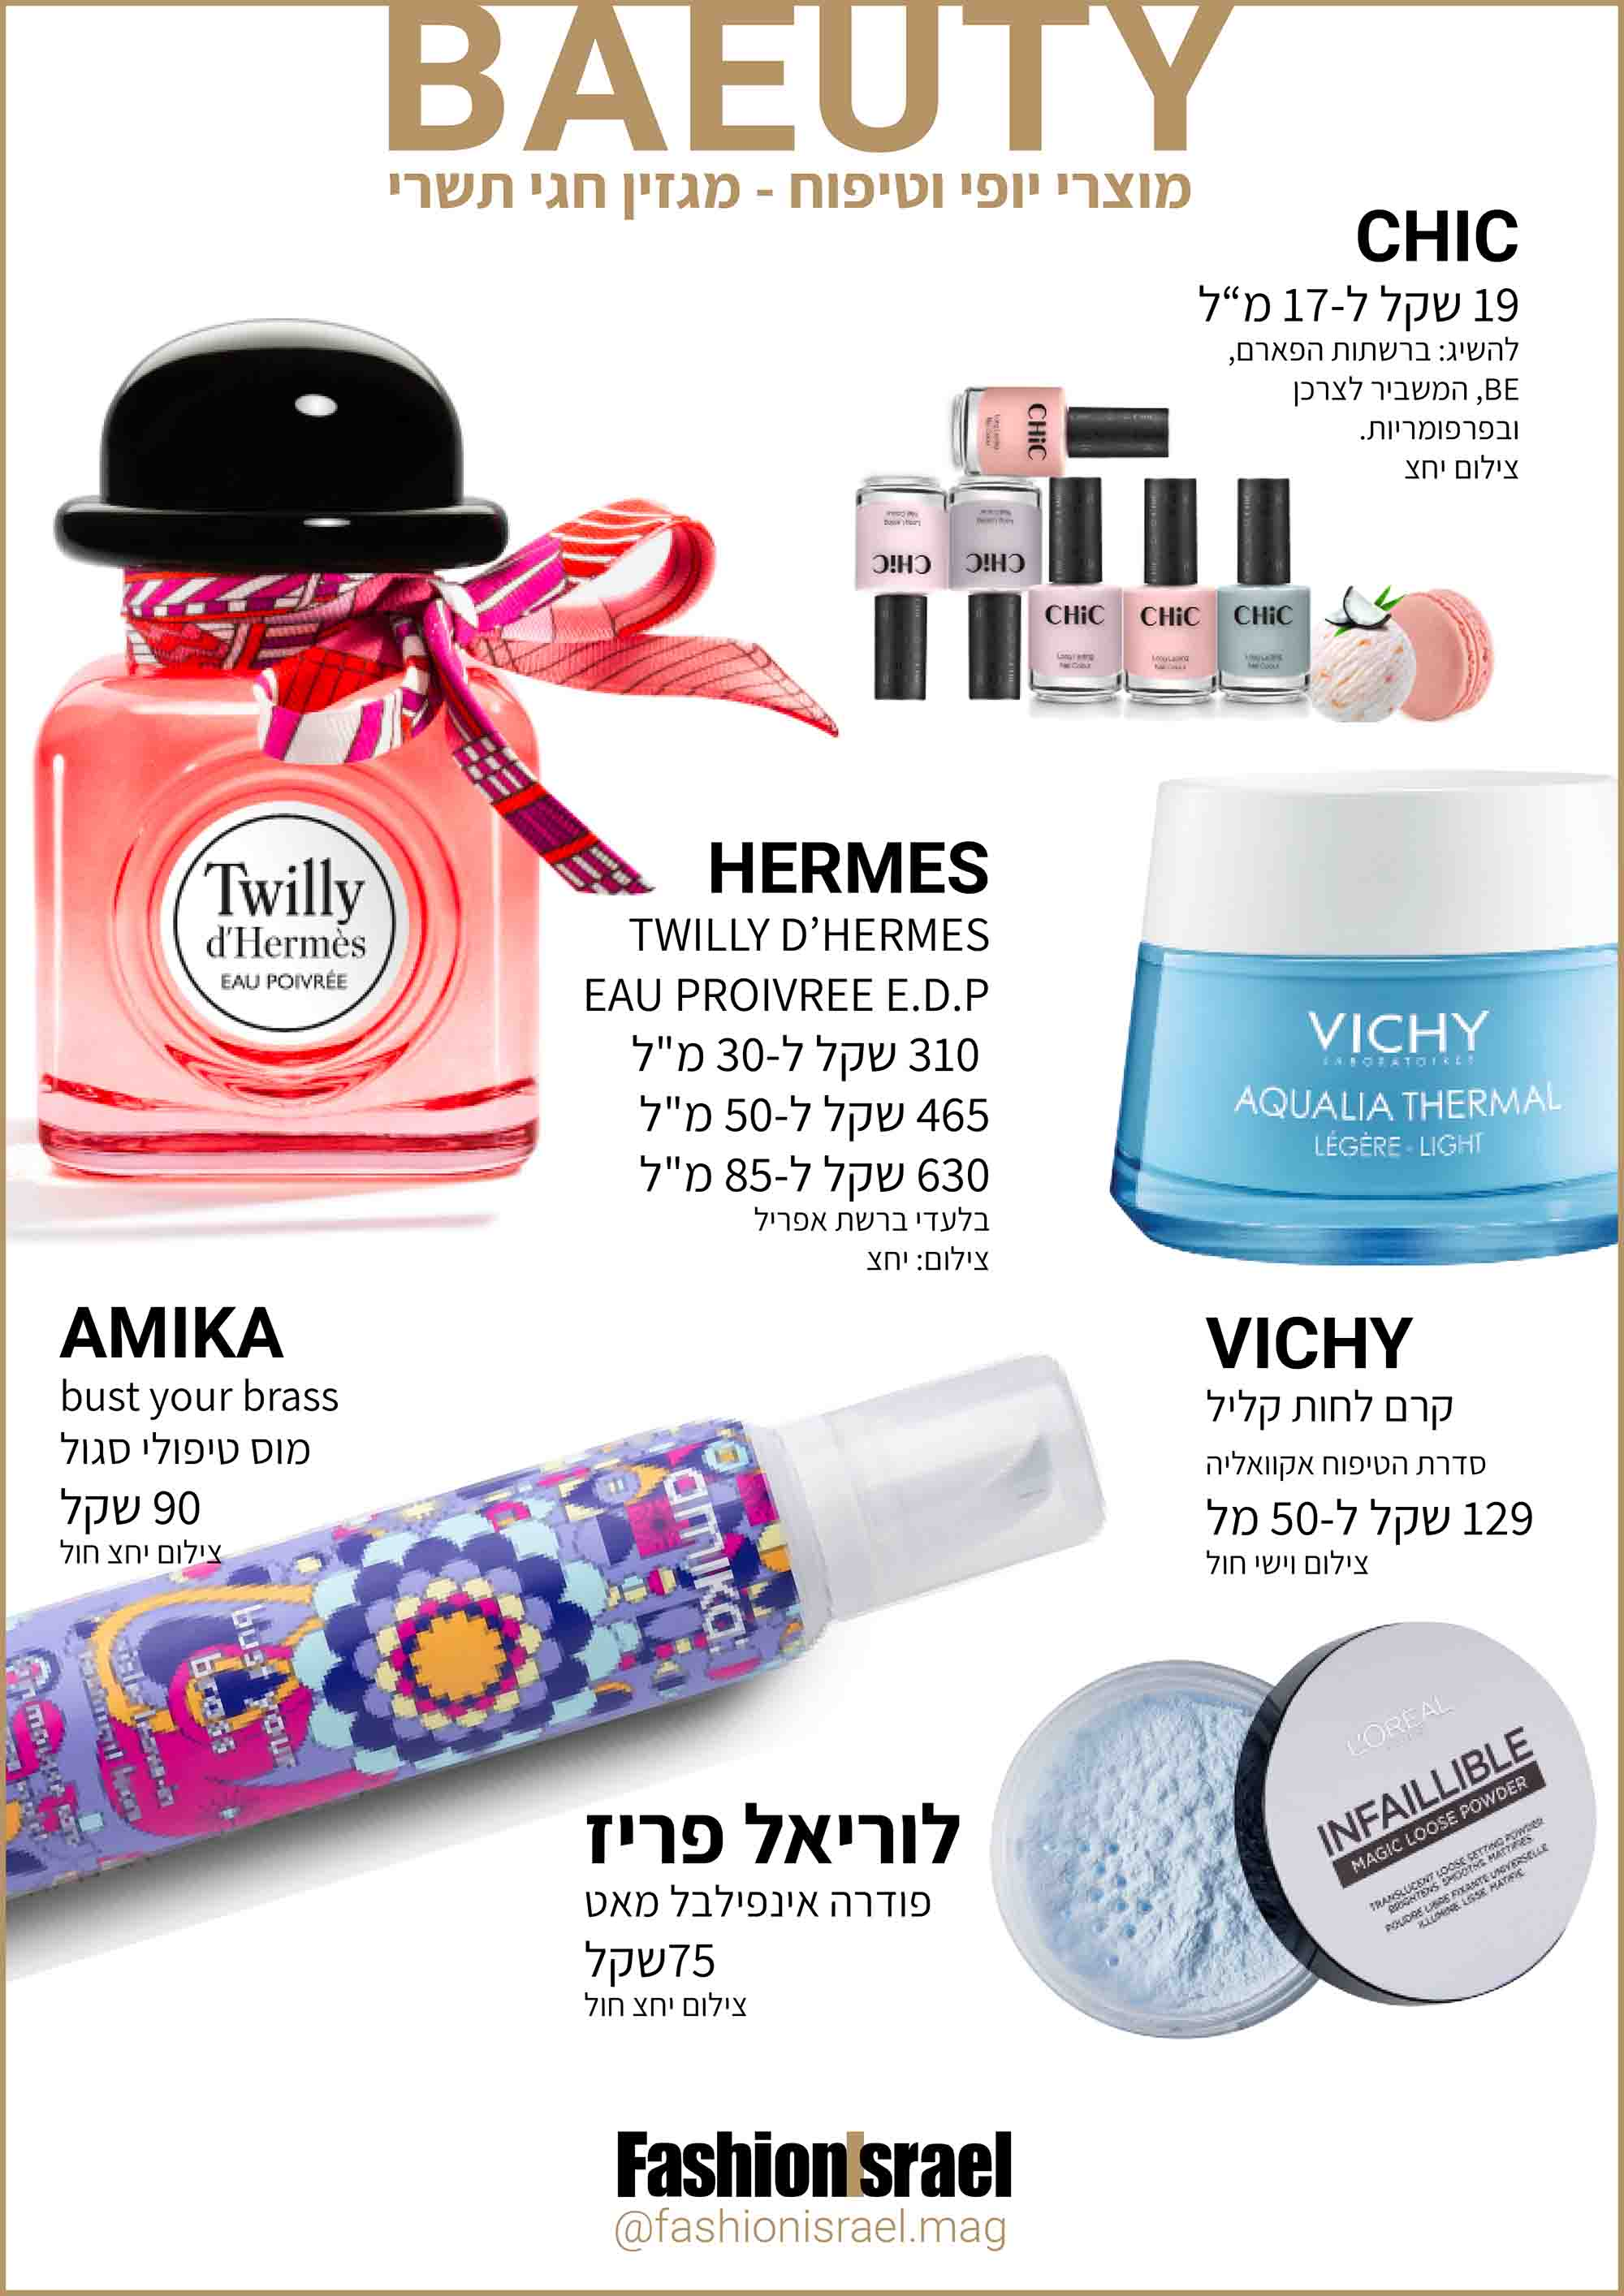 מוצרי יופי וטיפוח לראש השנה-2- Fashion Israel - 2020 חדשות אופנה 2020, כתבות אופנה 2020, טרנדים 2020, מגזין אופנה ישראלי, אופנה -